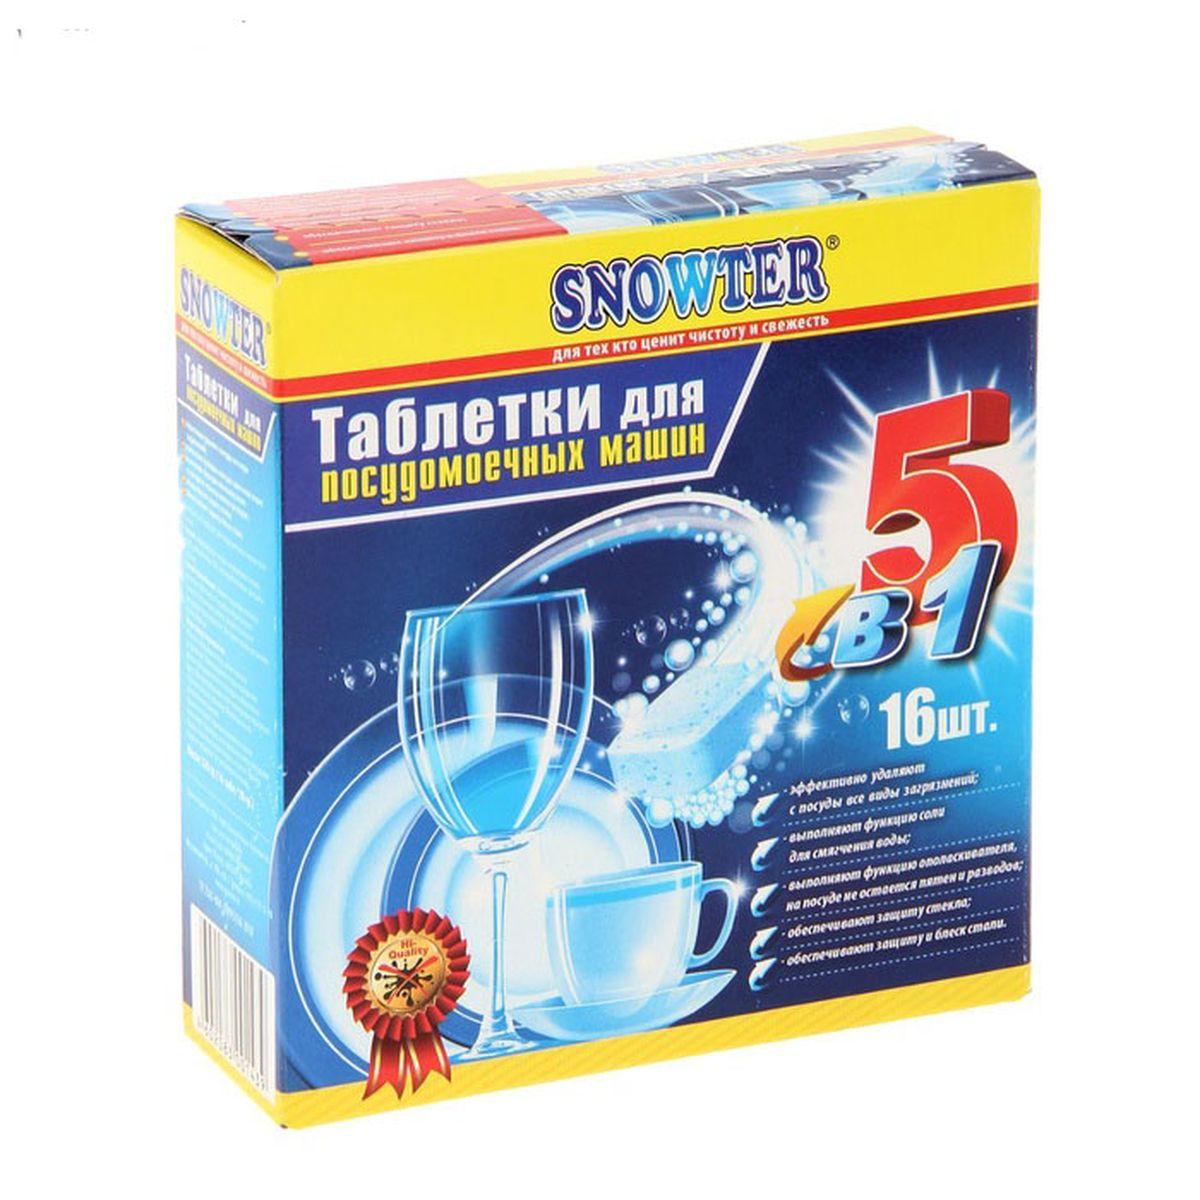 Таблетки для посудомоечных машин Snowter 5 в 1, 16 шт x 20 г4602083001439Таблетки Snowter 5 в 1 подходят для посудомоечных машин всех типов. Основные преимущества данного средства: - эффективно удаляют с посуды все виды загрязнений, - выполняют функцию соли для смягчения воды, - выполняют функцию ополаскивателя: на посуде не остается пятен и разводов, - обеспечивают защиту стекла, - обеспечивают защиту и блеск стали.Состав: триполифосфат натрия (более 30%), перкарбонат натрия (5-15%), поликарбоксилат (5-15%), фосфаты (5-15%), неионогенные ПАВ (менее 5%), ТАЕД, энимы.Товар сертифицирован.Уважаемые клиенты!Обращаем ваше внимание на возможные изменения в дизайне упаковки. Качественные характеристики товара остаются неизменными. Поставка осуществляется в зависимости от наличия на складе.